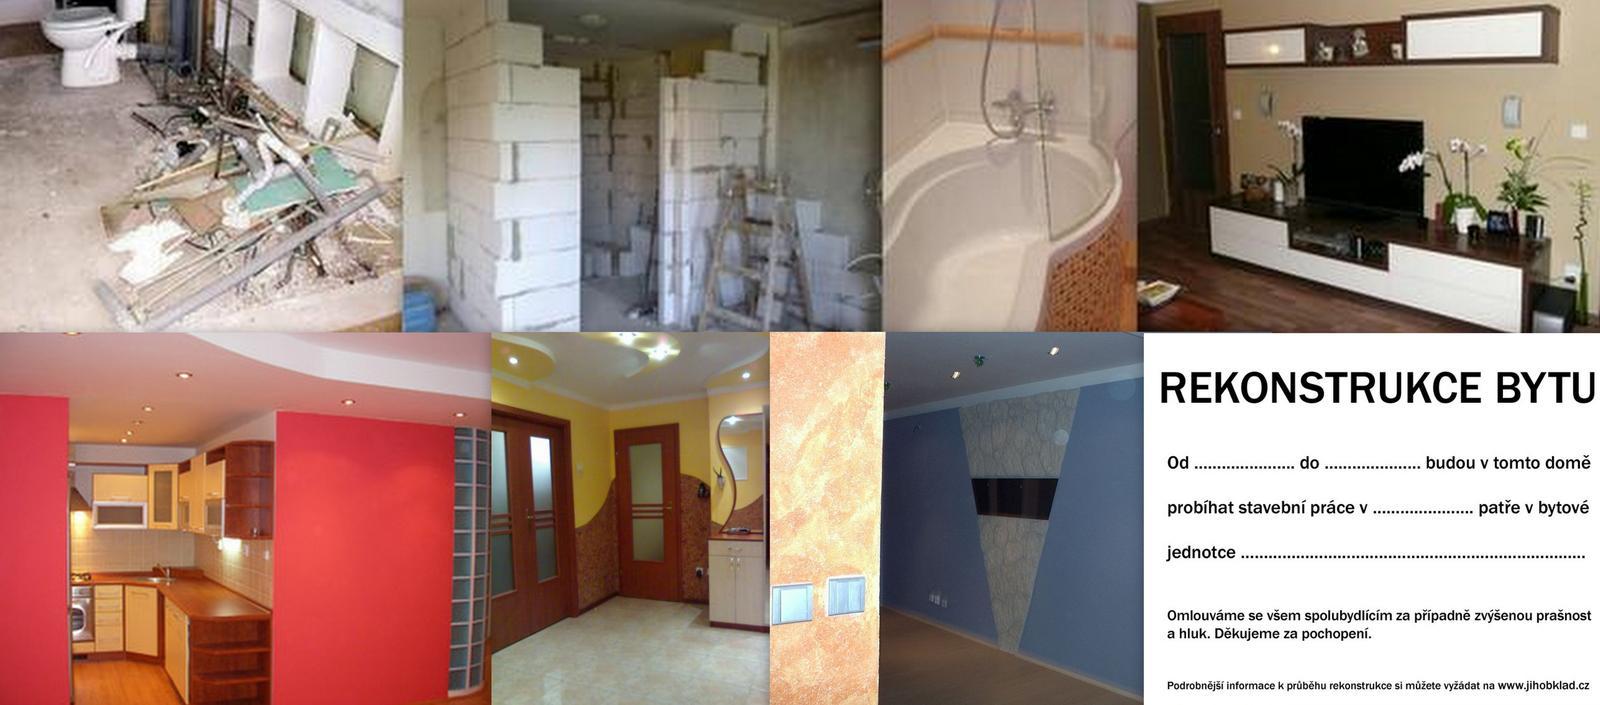 Rekonstrukce bytu od základu až po ukončení. - Fotografie skupiny